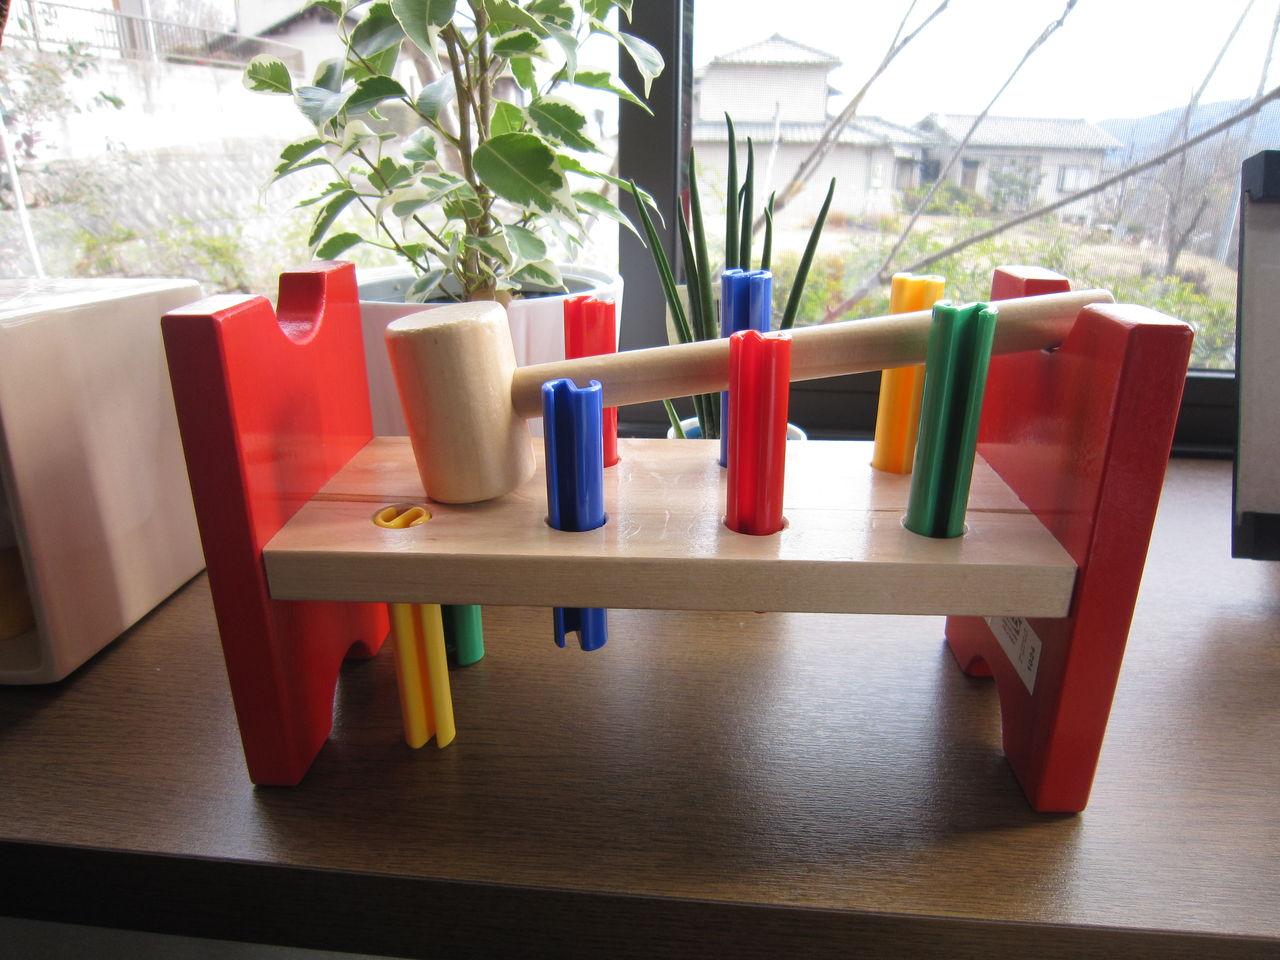 3人家族  IKEA  キッズ 子供 おもちゃ ハンマートイコメントトラックバック                ishinhome15